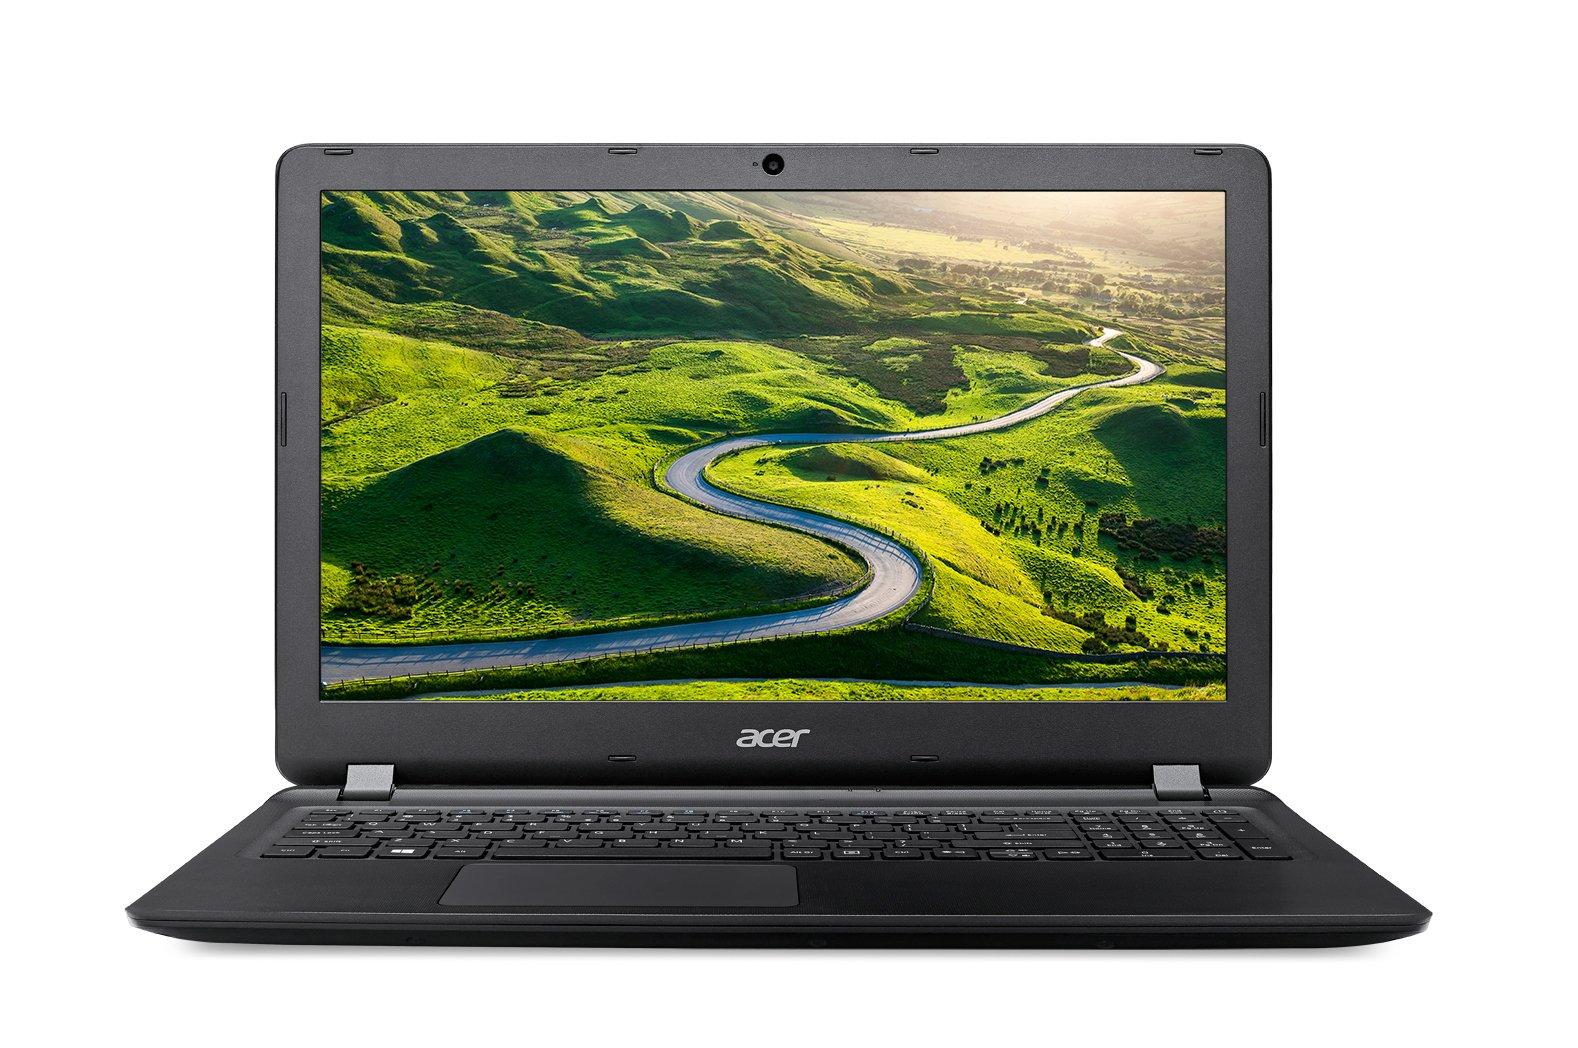 Acer Aspire ES 15 15,6/N3350/4G/128SSD/Linux černý